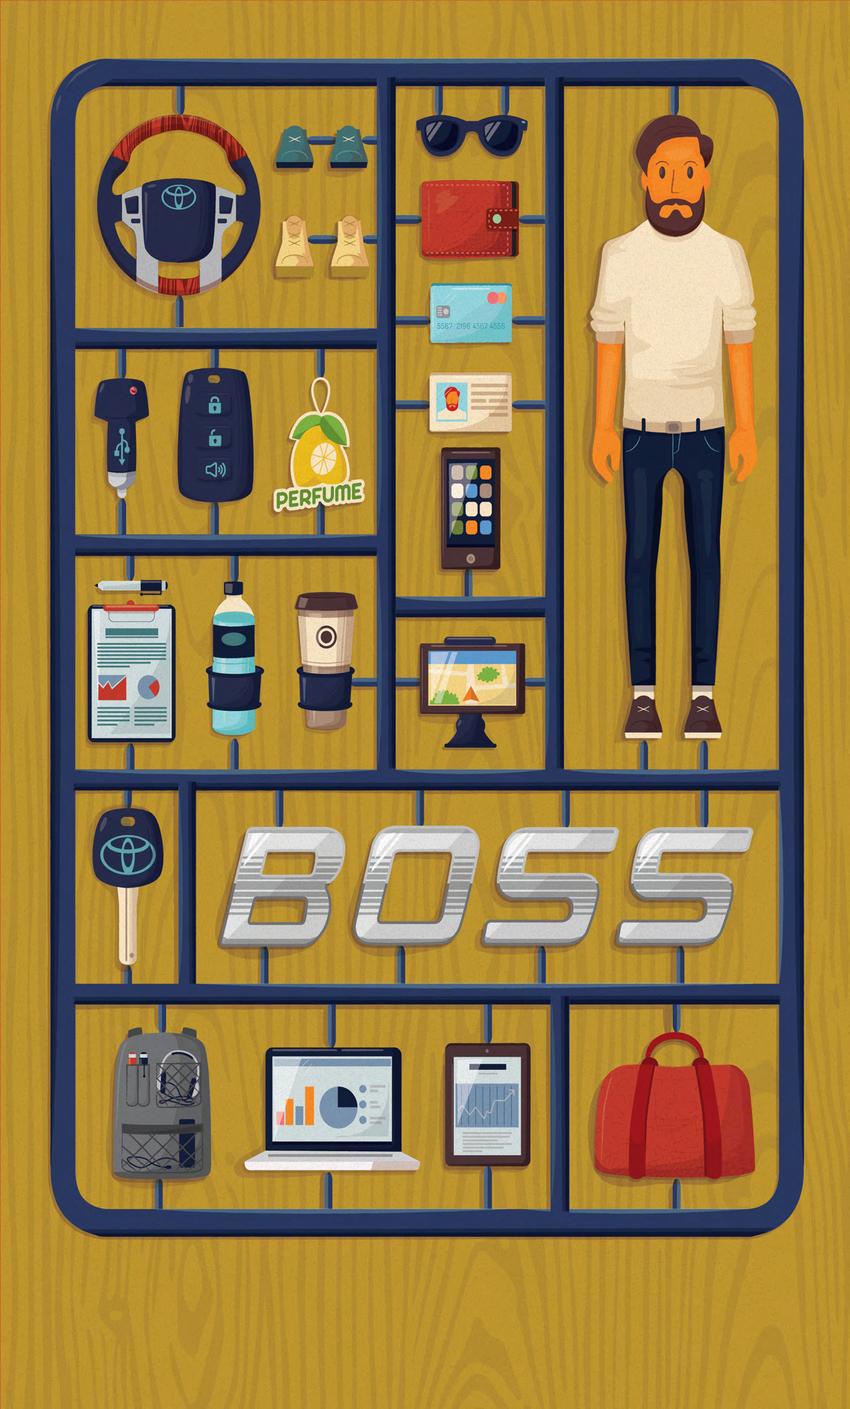 boss06.jpg